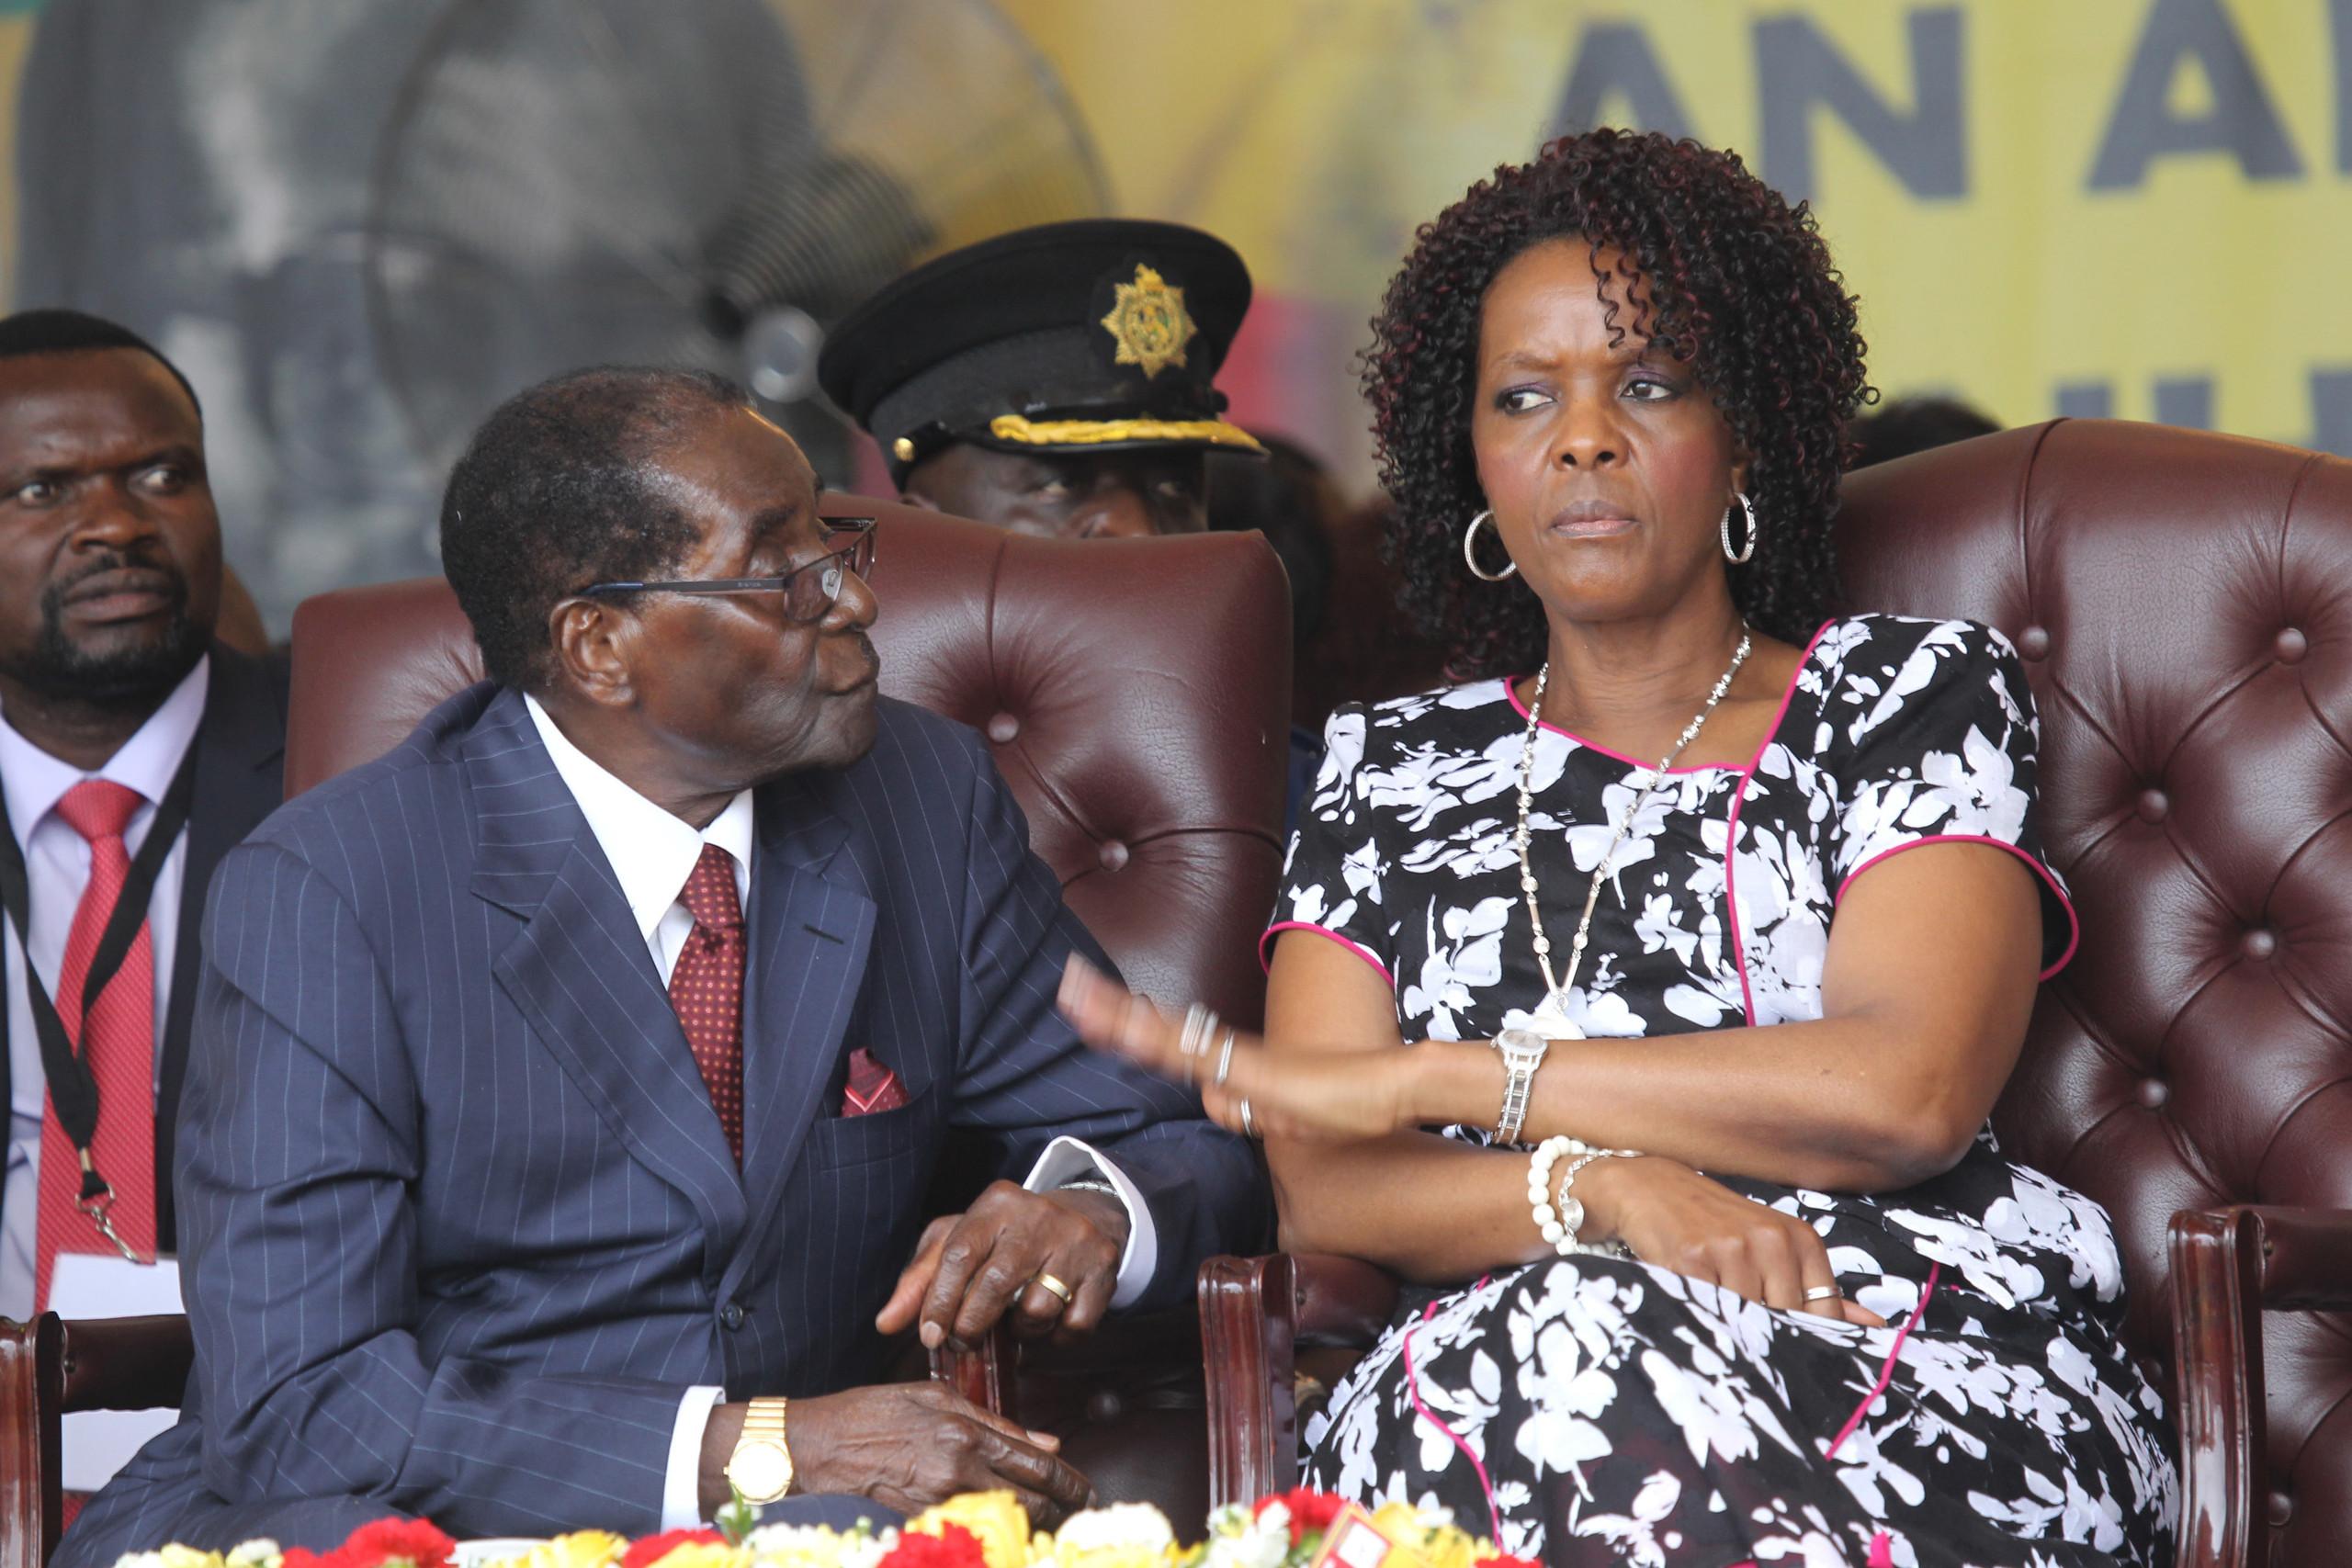 اين ذهب زعيم زيمبابوي وزوجته بعد اجباره بالتنحي عن منصبه؟